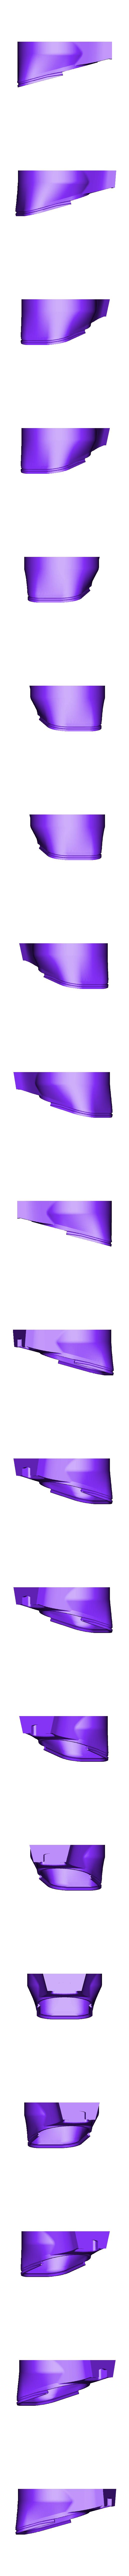 distrib1-epais.stl Télécharger fichier STL gratuit Distributeur bocal polyvalent • Design pour imprimante 3D, Barbe_Iturique